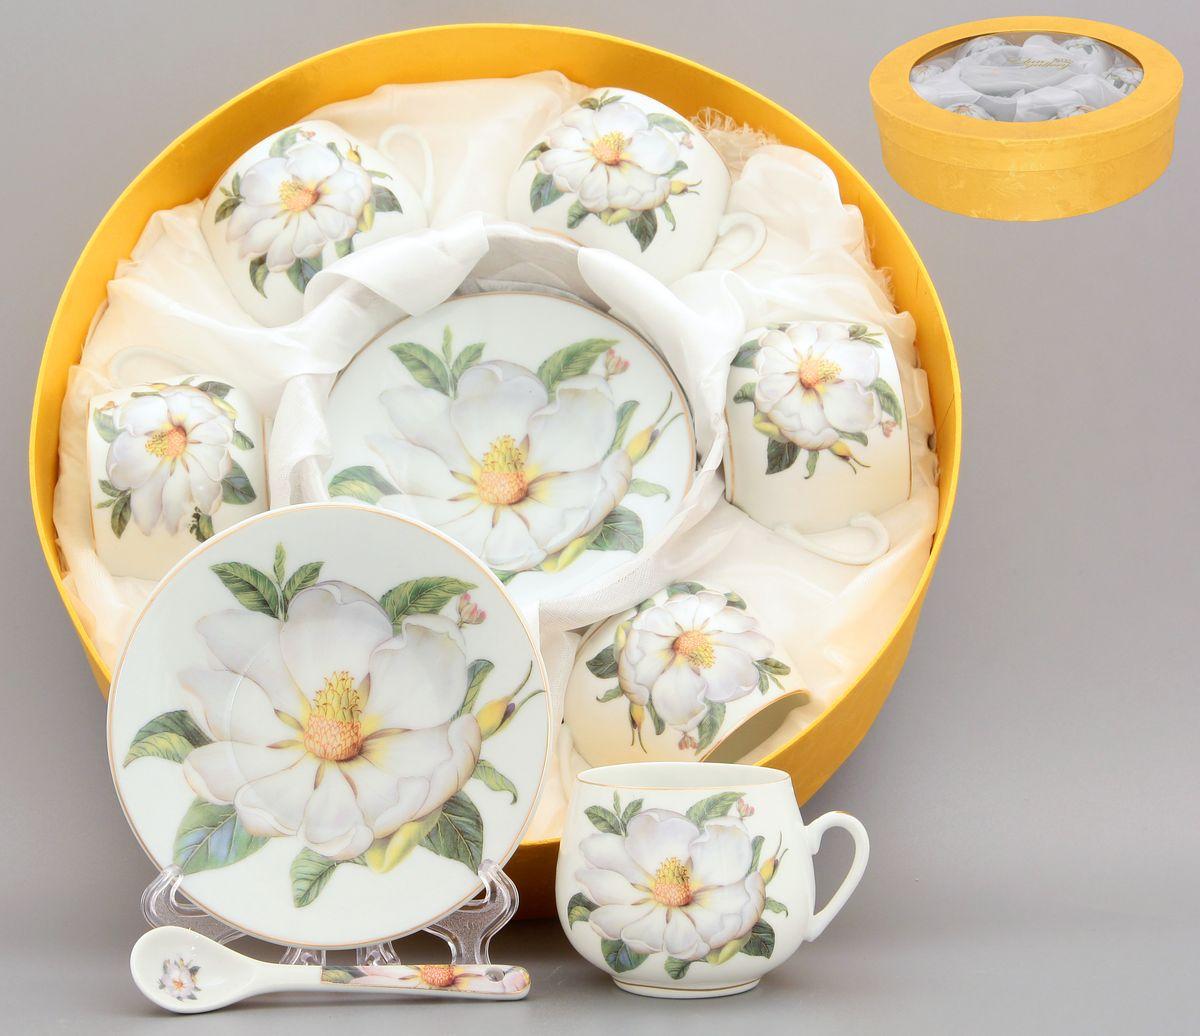 Кофейный набор Белый шиповник 130 мл. 12 предметов с ложками в подарочной упаковке . 730287730287Кофейный сервиз на 6 персон включает 6 чашек объемом 130 мл, 6 блюдец, 6 ложек и станет достойным подарком для любителей кофе. Соберите всю коллекцию предметов сервировки Белый шиповник и Ваши гости будут в восторге! Изделие имеет подарочную упаковку.